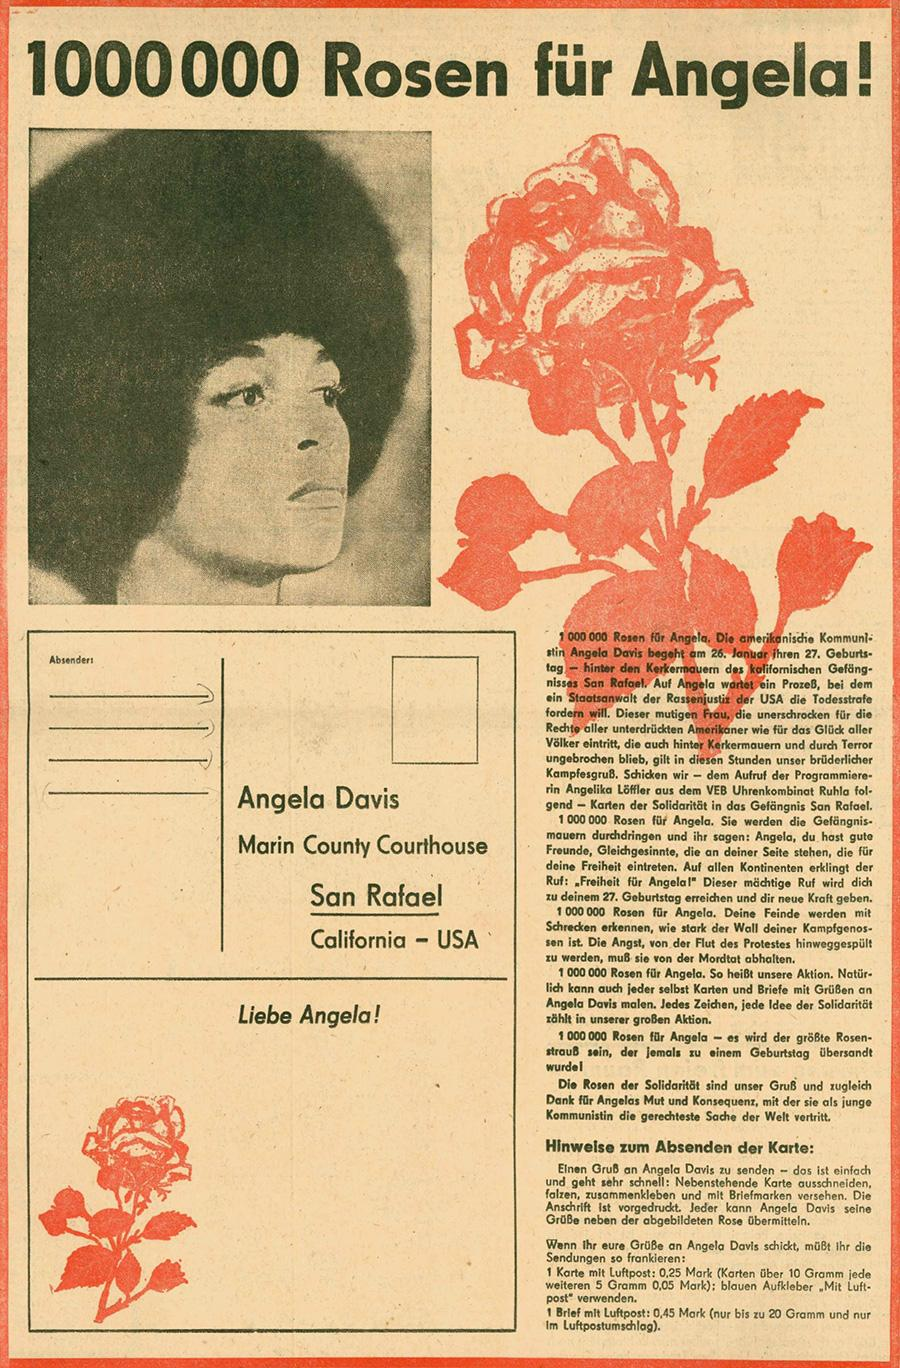 1 Million Roses for Angela